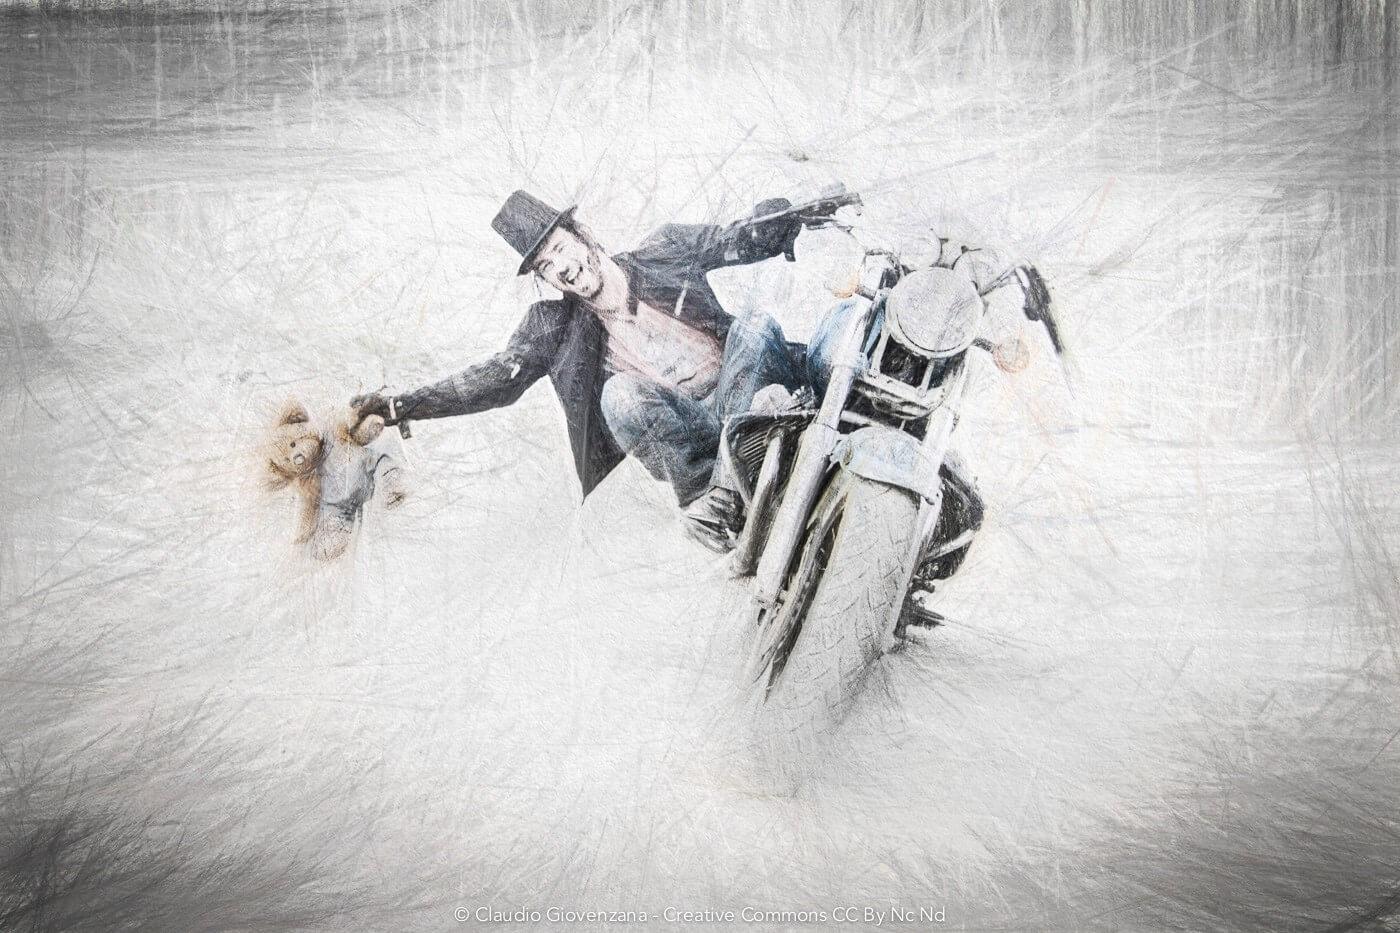 Claudio Giovenzana la motoguzzi e l'orsacchiotto